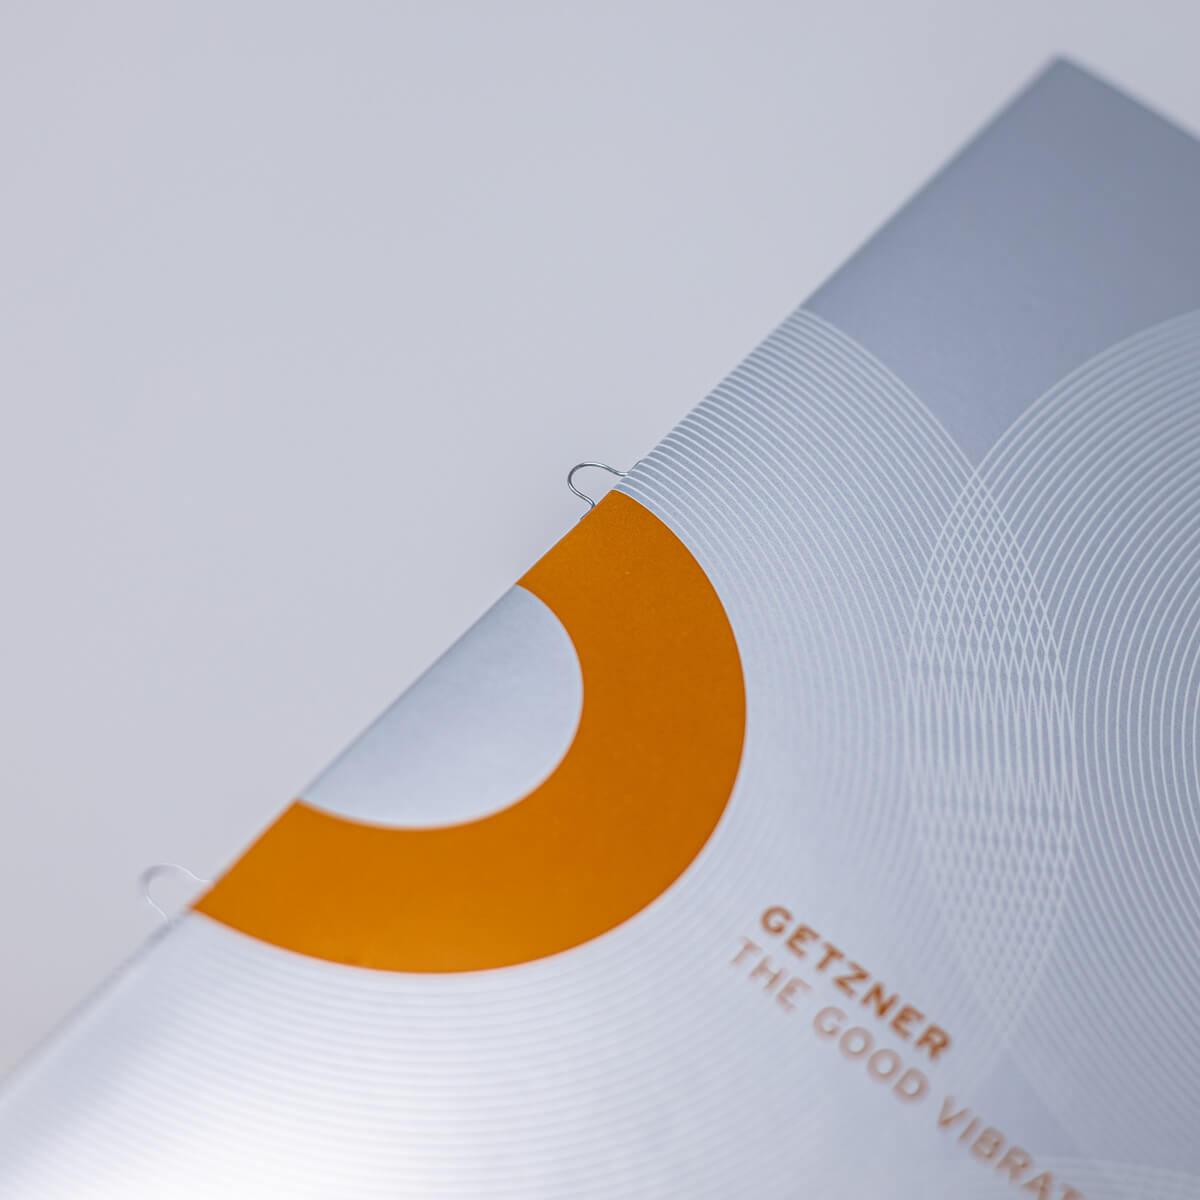 Druckerei Wenin - Produkte - Deckweiss